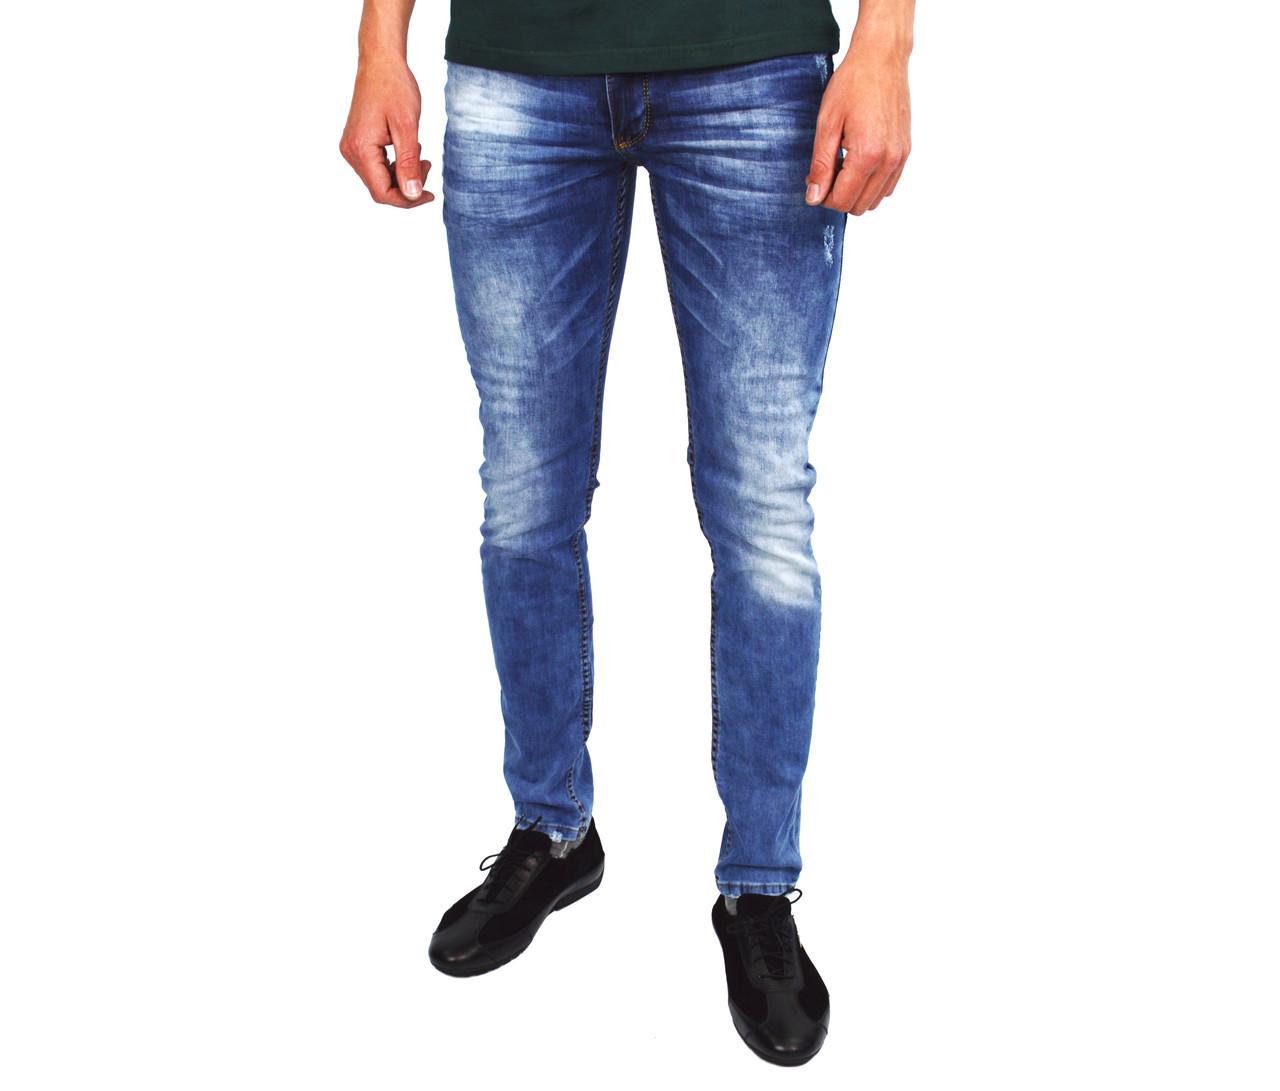 b2cbe58b10e Синие мужские джинсы зауженные MARIO DENIM -